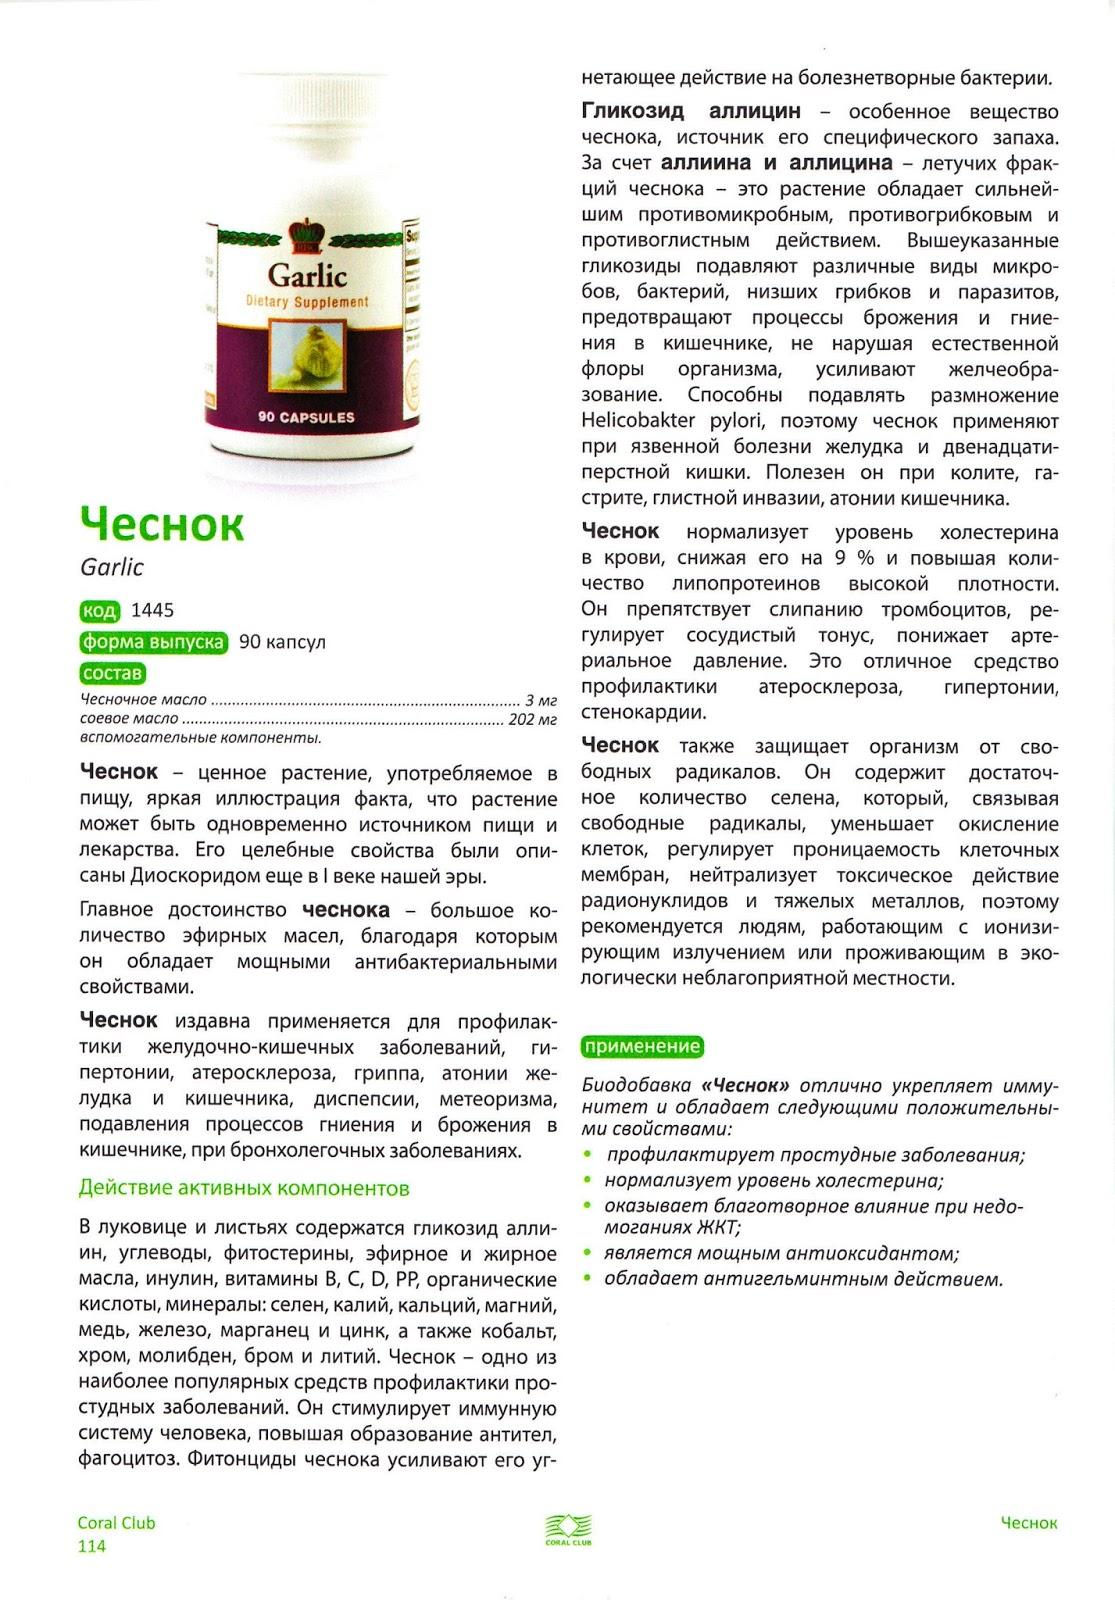 Препараты от паразитов ивермектин image 1